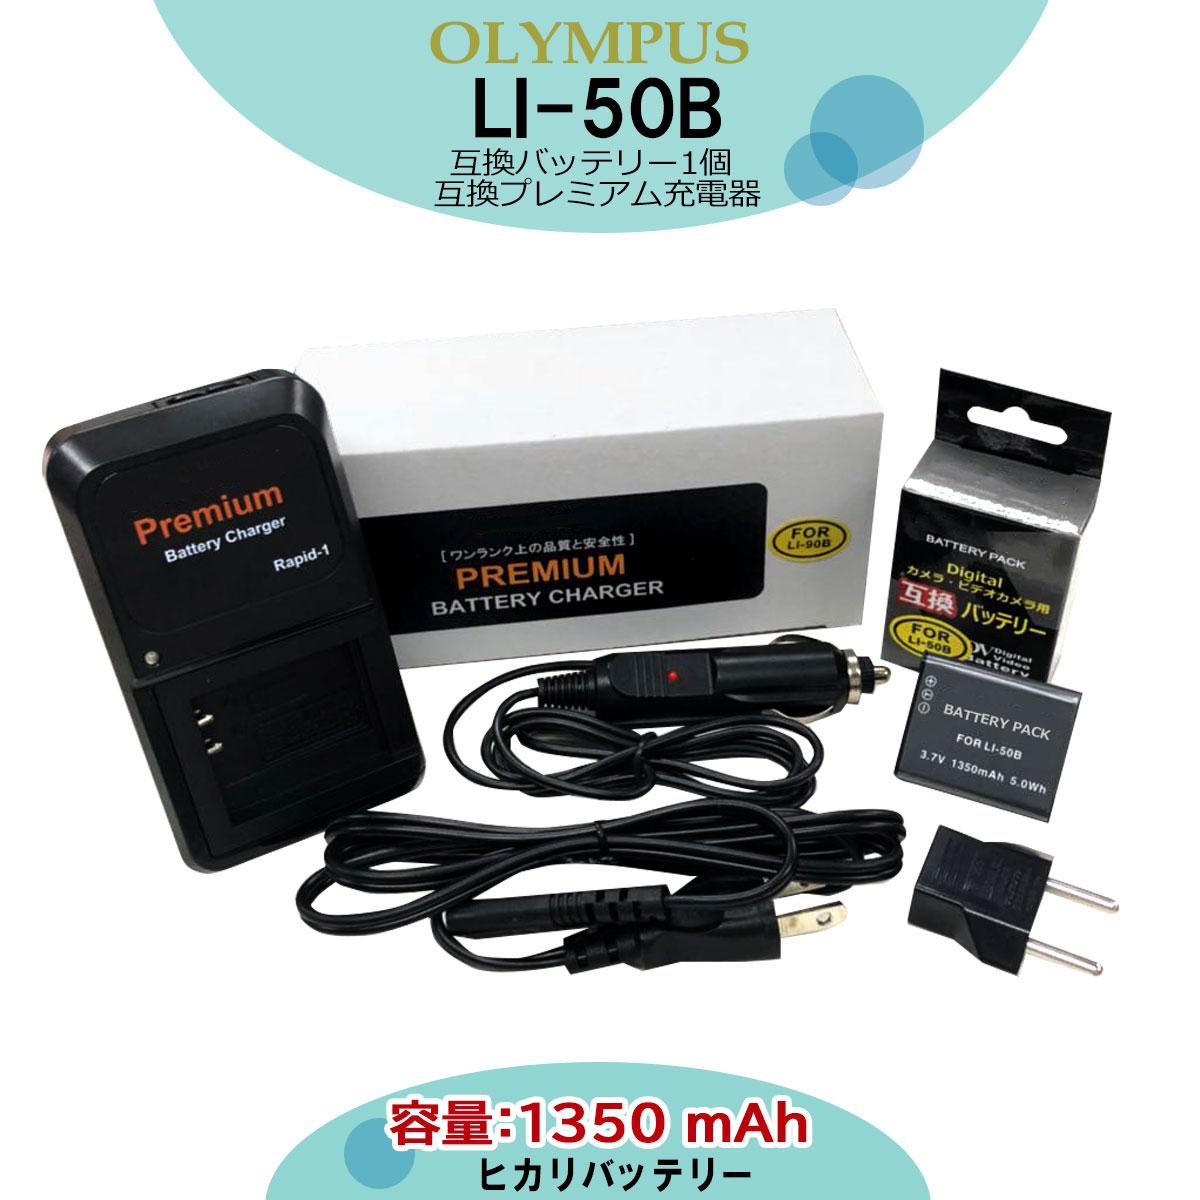 デジタルカメラ用アクセサリー, バッテリーパック  OLYMPUS LI-50B ( UC-502 RICOHCX3CX4CX5CX6PXWG-4WG-4 GPSWG-5 GPSWG-10WG-20WG-30WG-40WG-50 WG-60 PENTAXOptio I-10WG-70